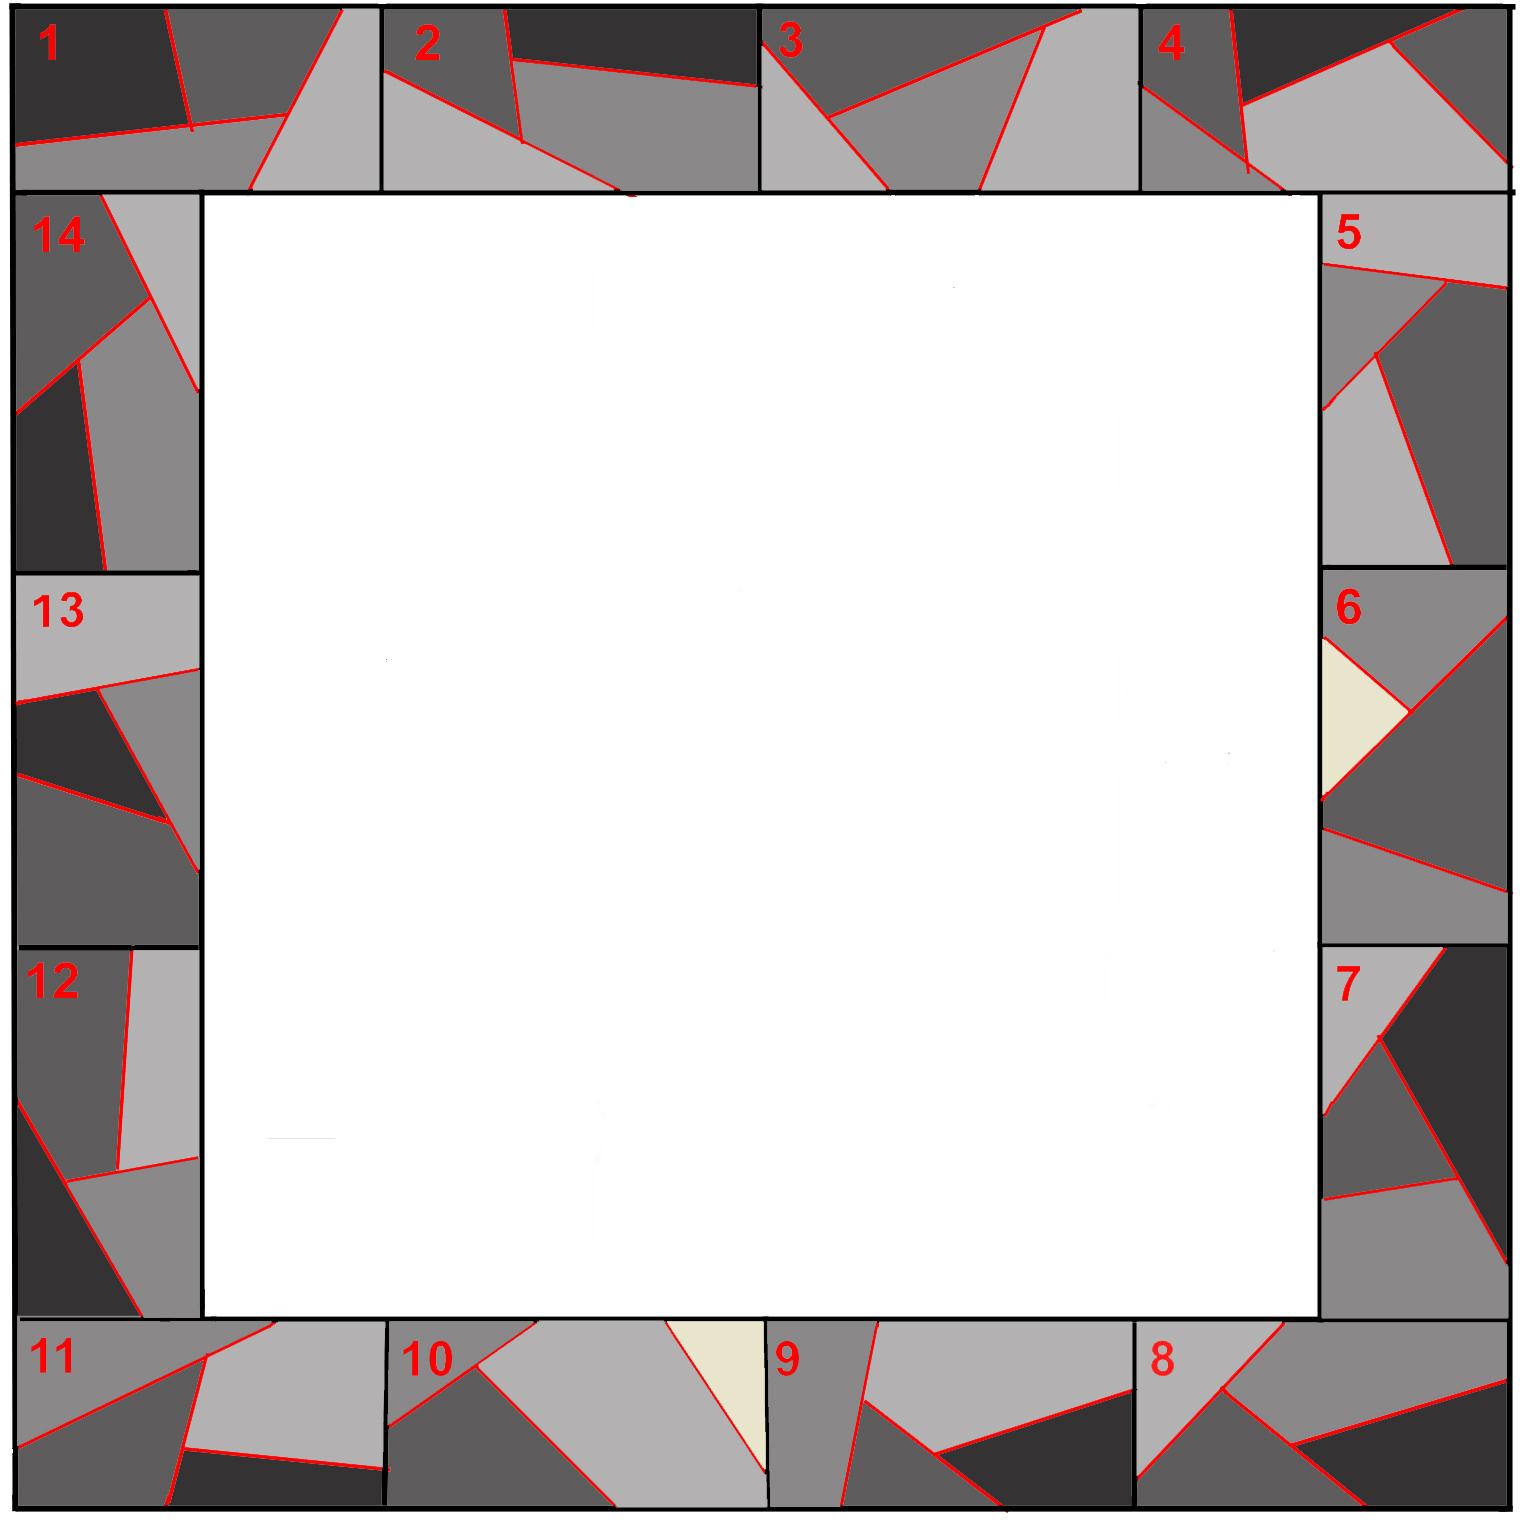 http://4.bp.blogspot.com/-SkLkscQjxlM/UHvLK09NUdI/AAAAAAAAA6k/2BifcqexspE/s1600/border+1+coloured.jpg